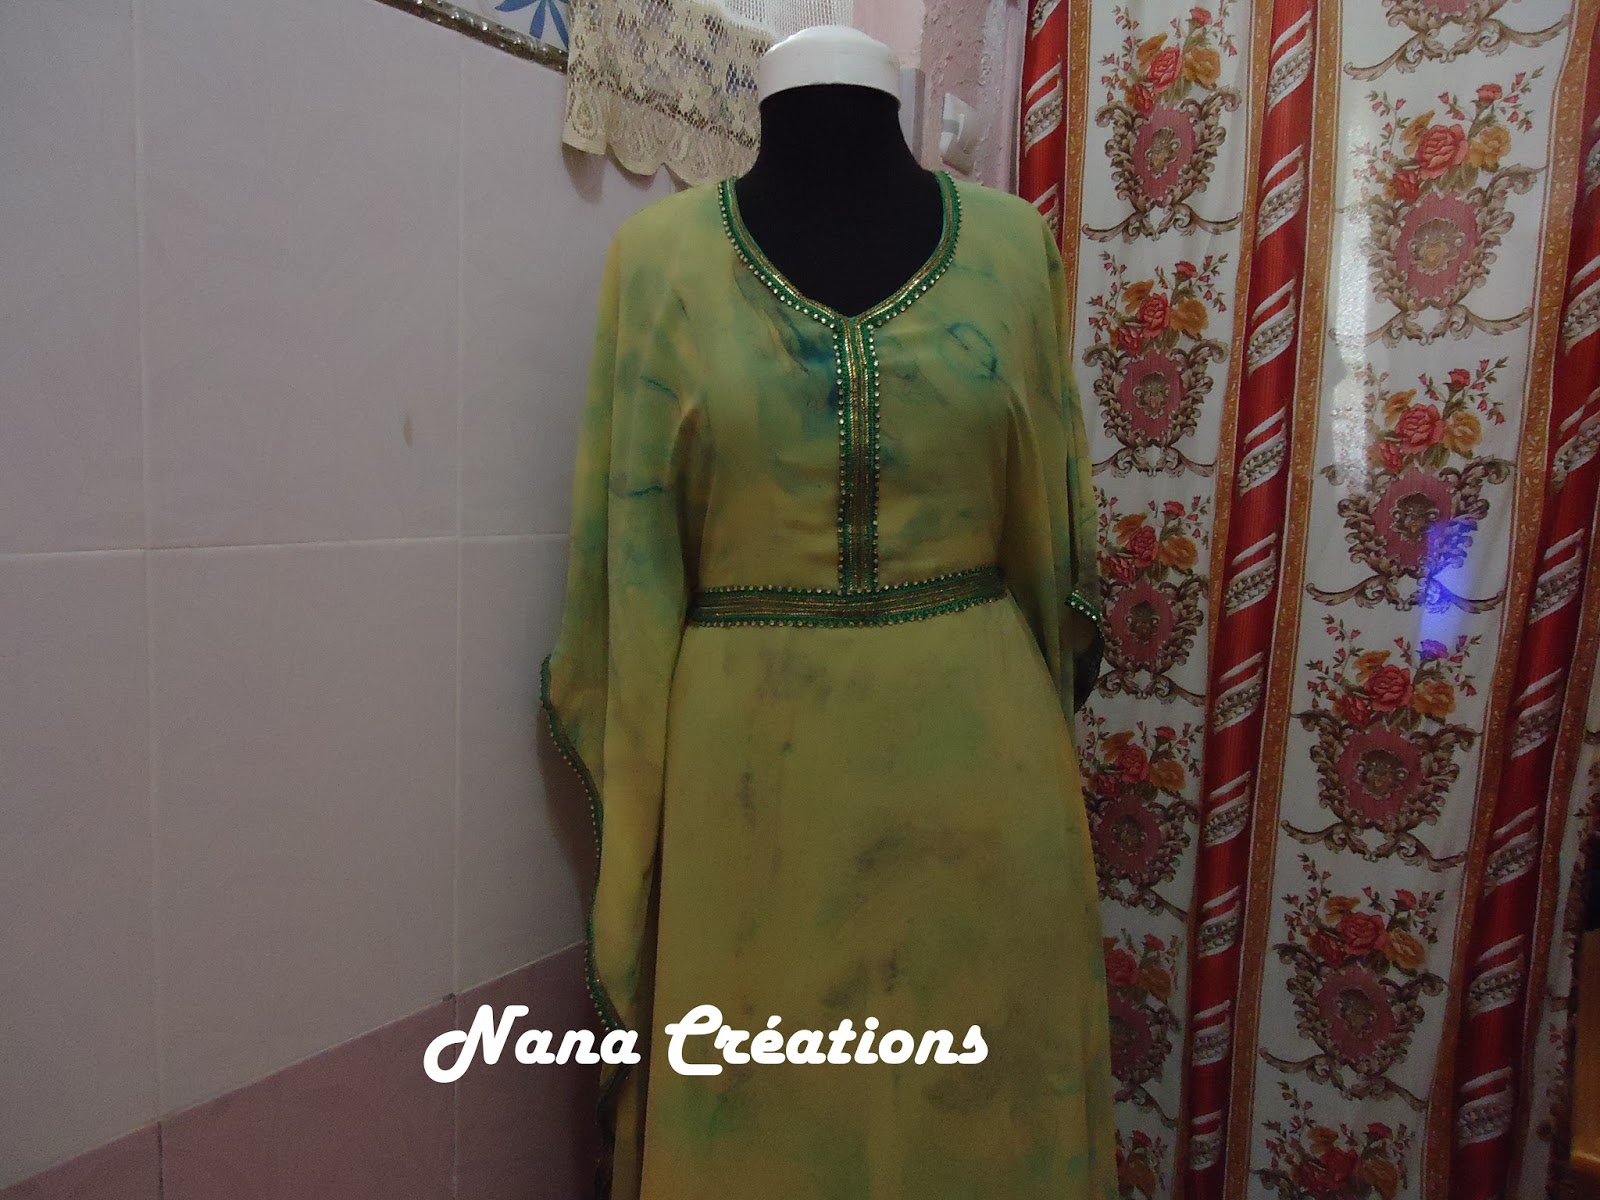 Ces robes papillons sont ornées de ruban assorti et se ferment au niveau de la taille de lintérieur tandis que dautres sont toutes simples